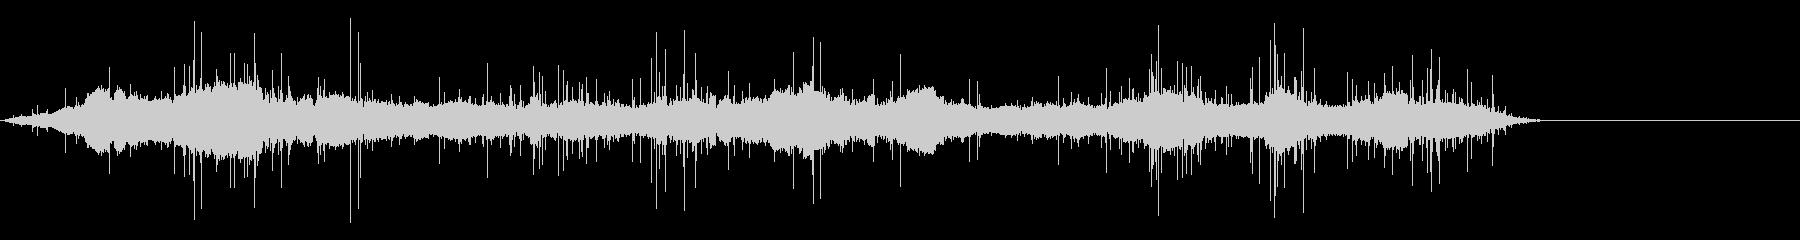 電波ノイズ8の未再生の波形